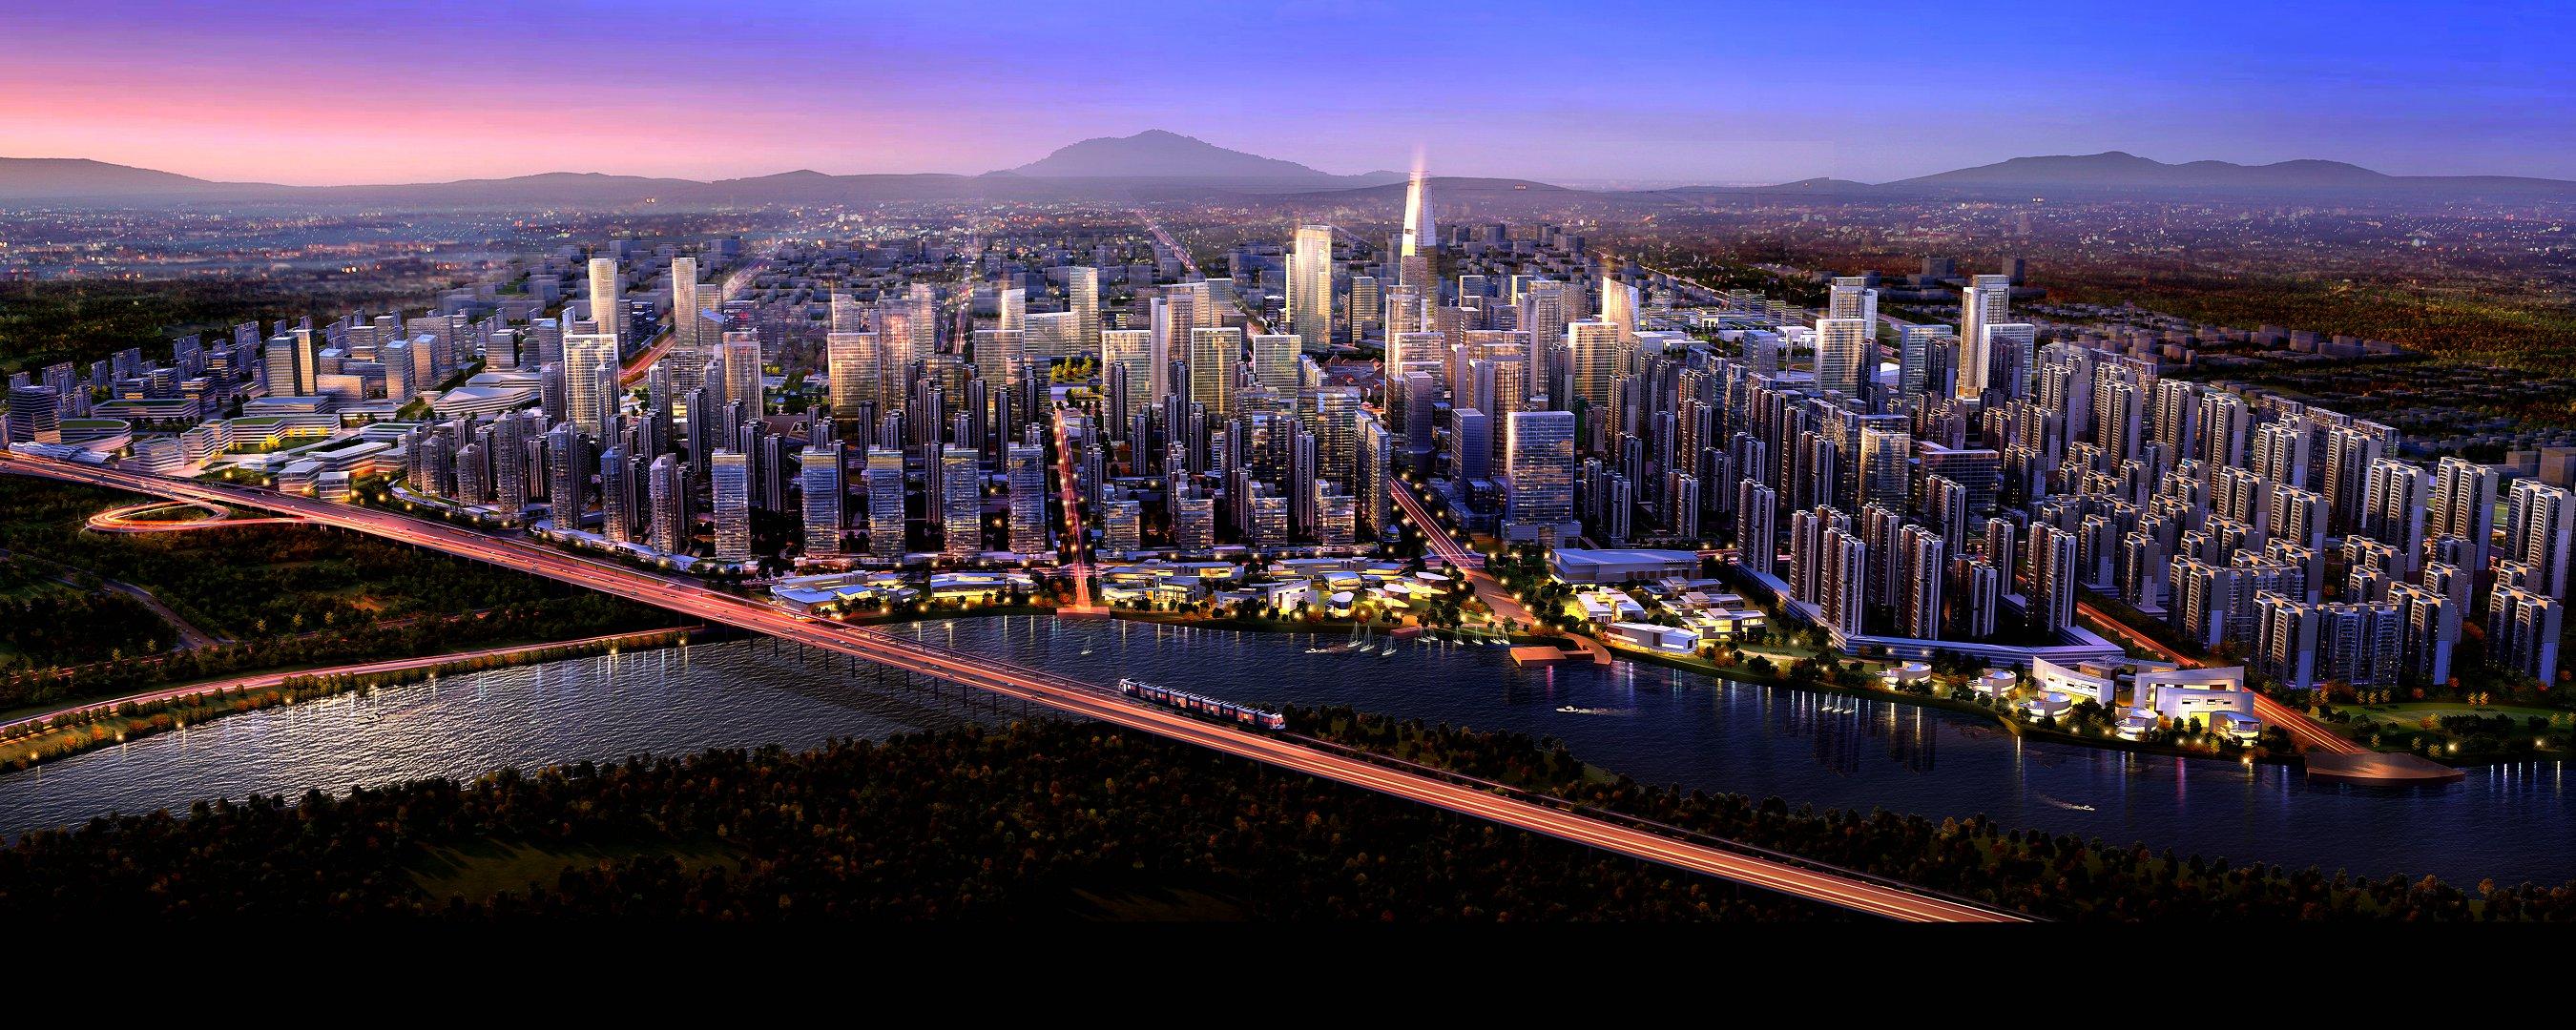 京昆高速下了就到 北京西45 直达 双高速直达 现房发售